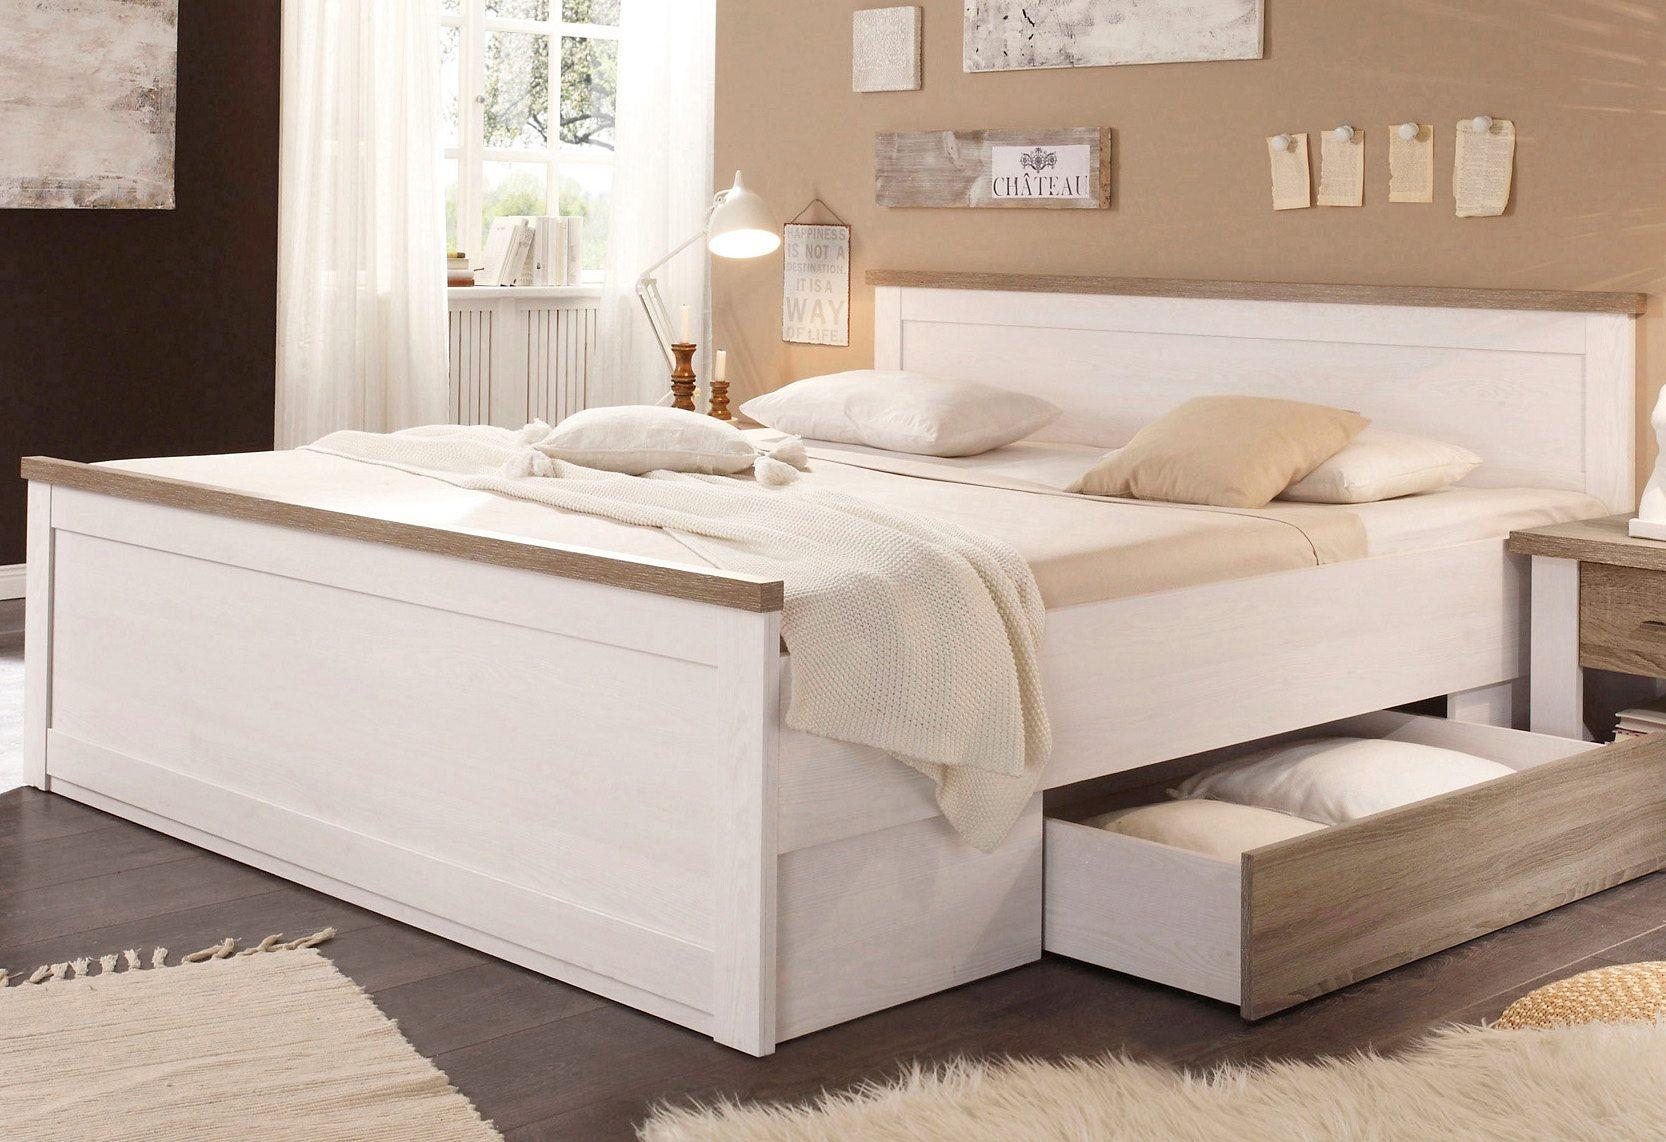 Bett online kaufen   OTTO